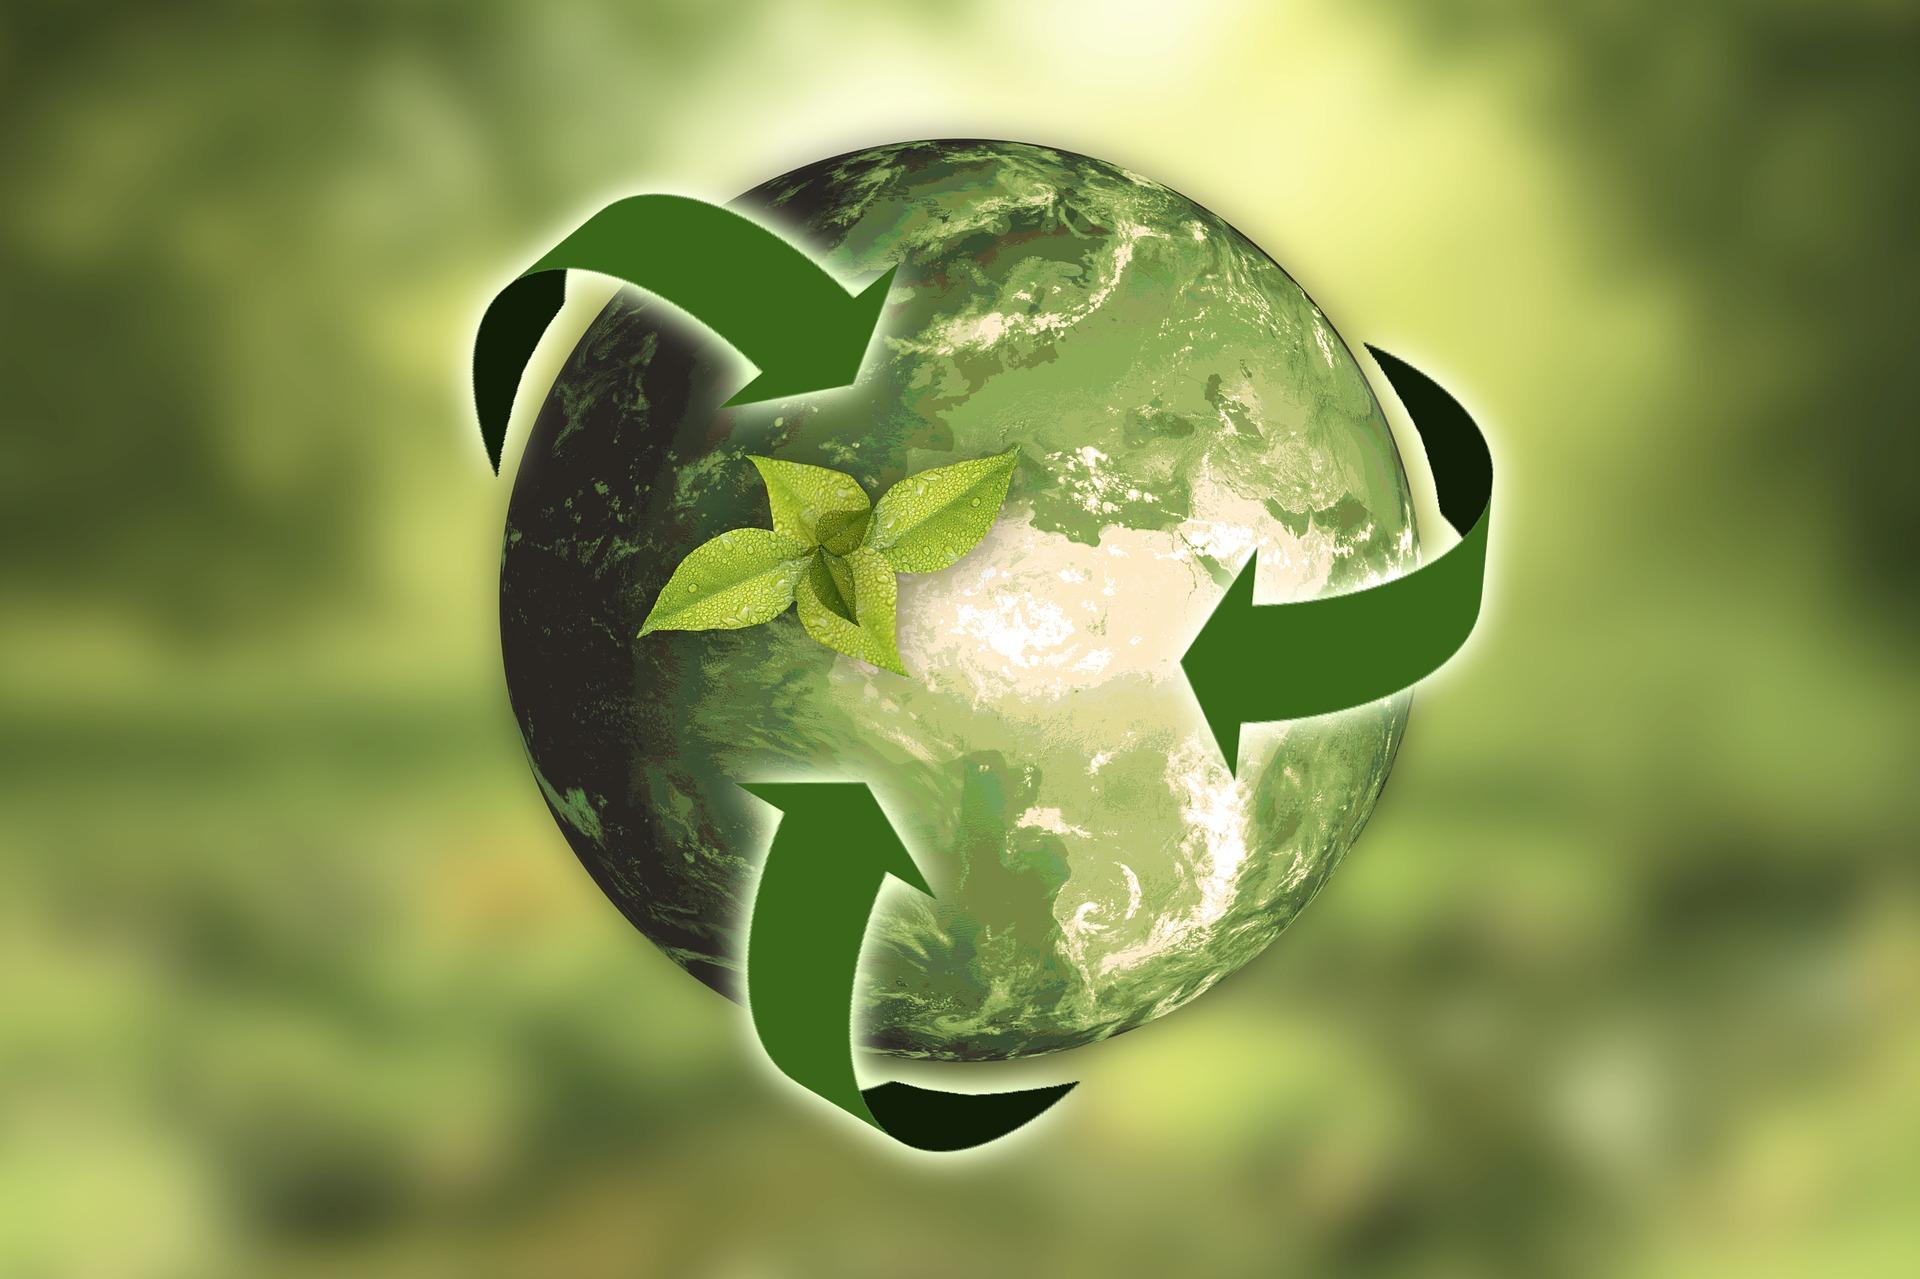 Nettoyer sa maison grâce aux produits écologiques 1